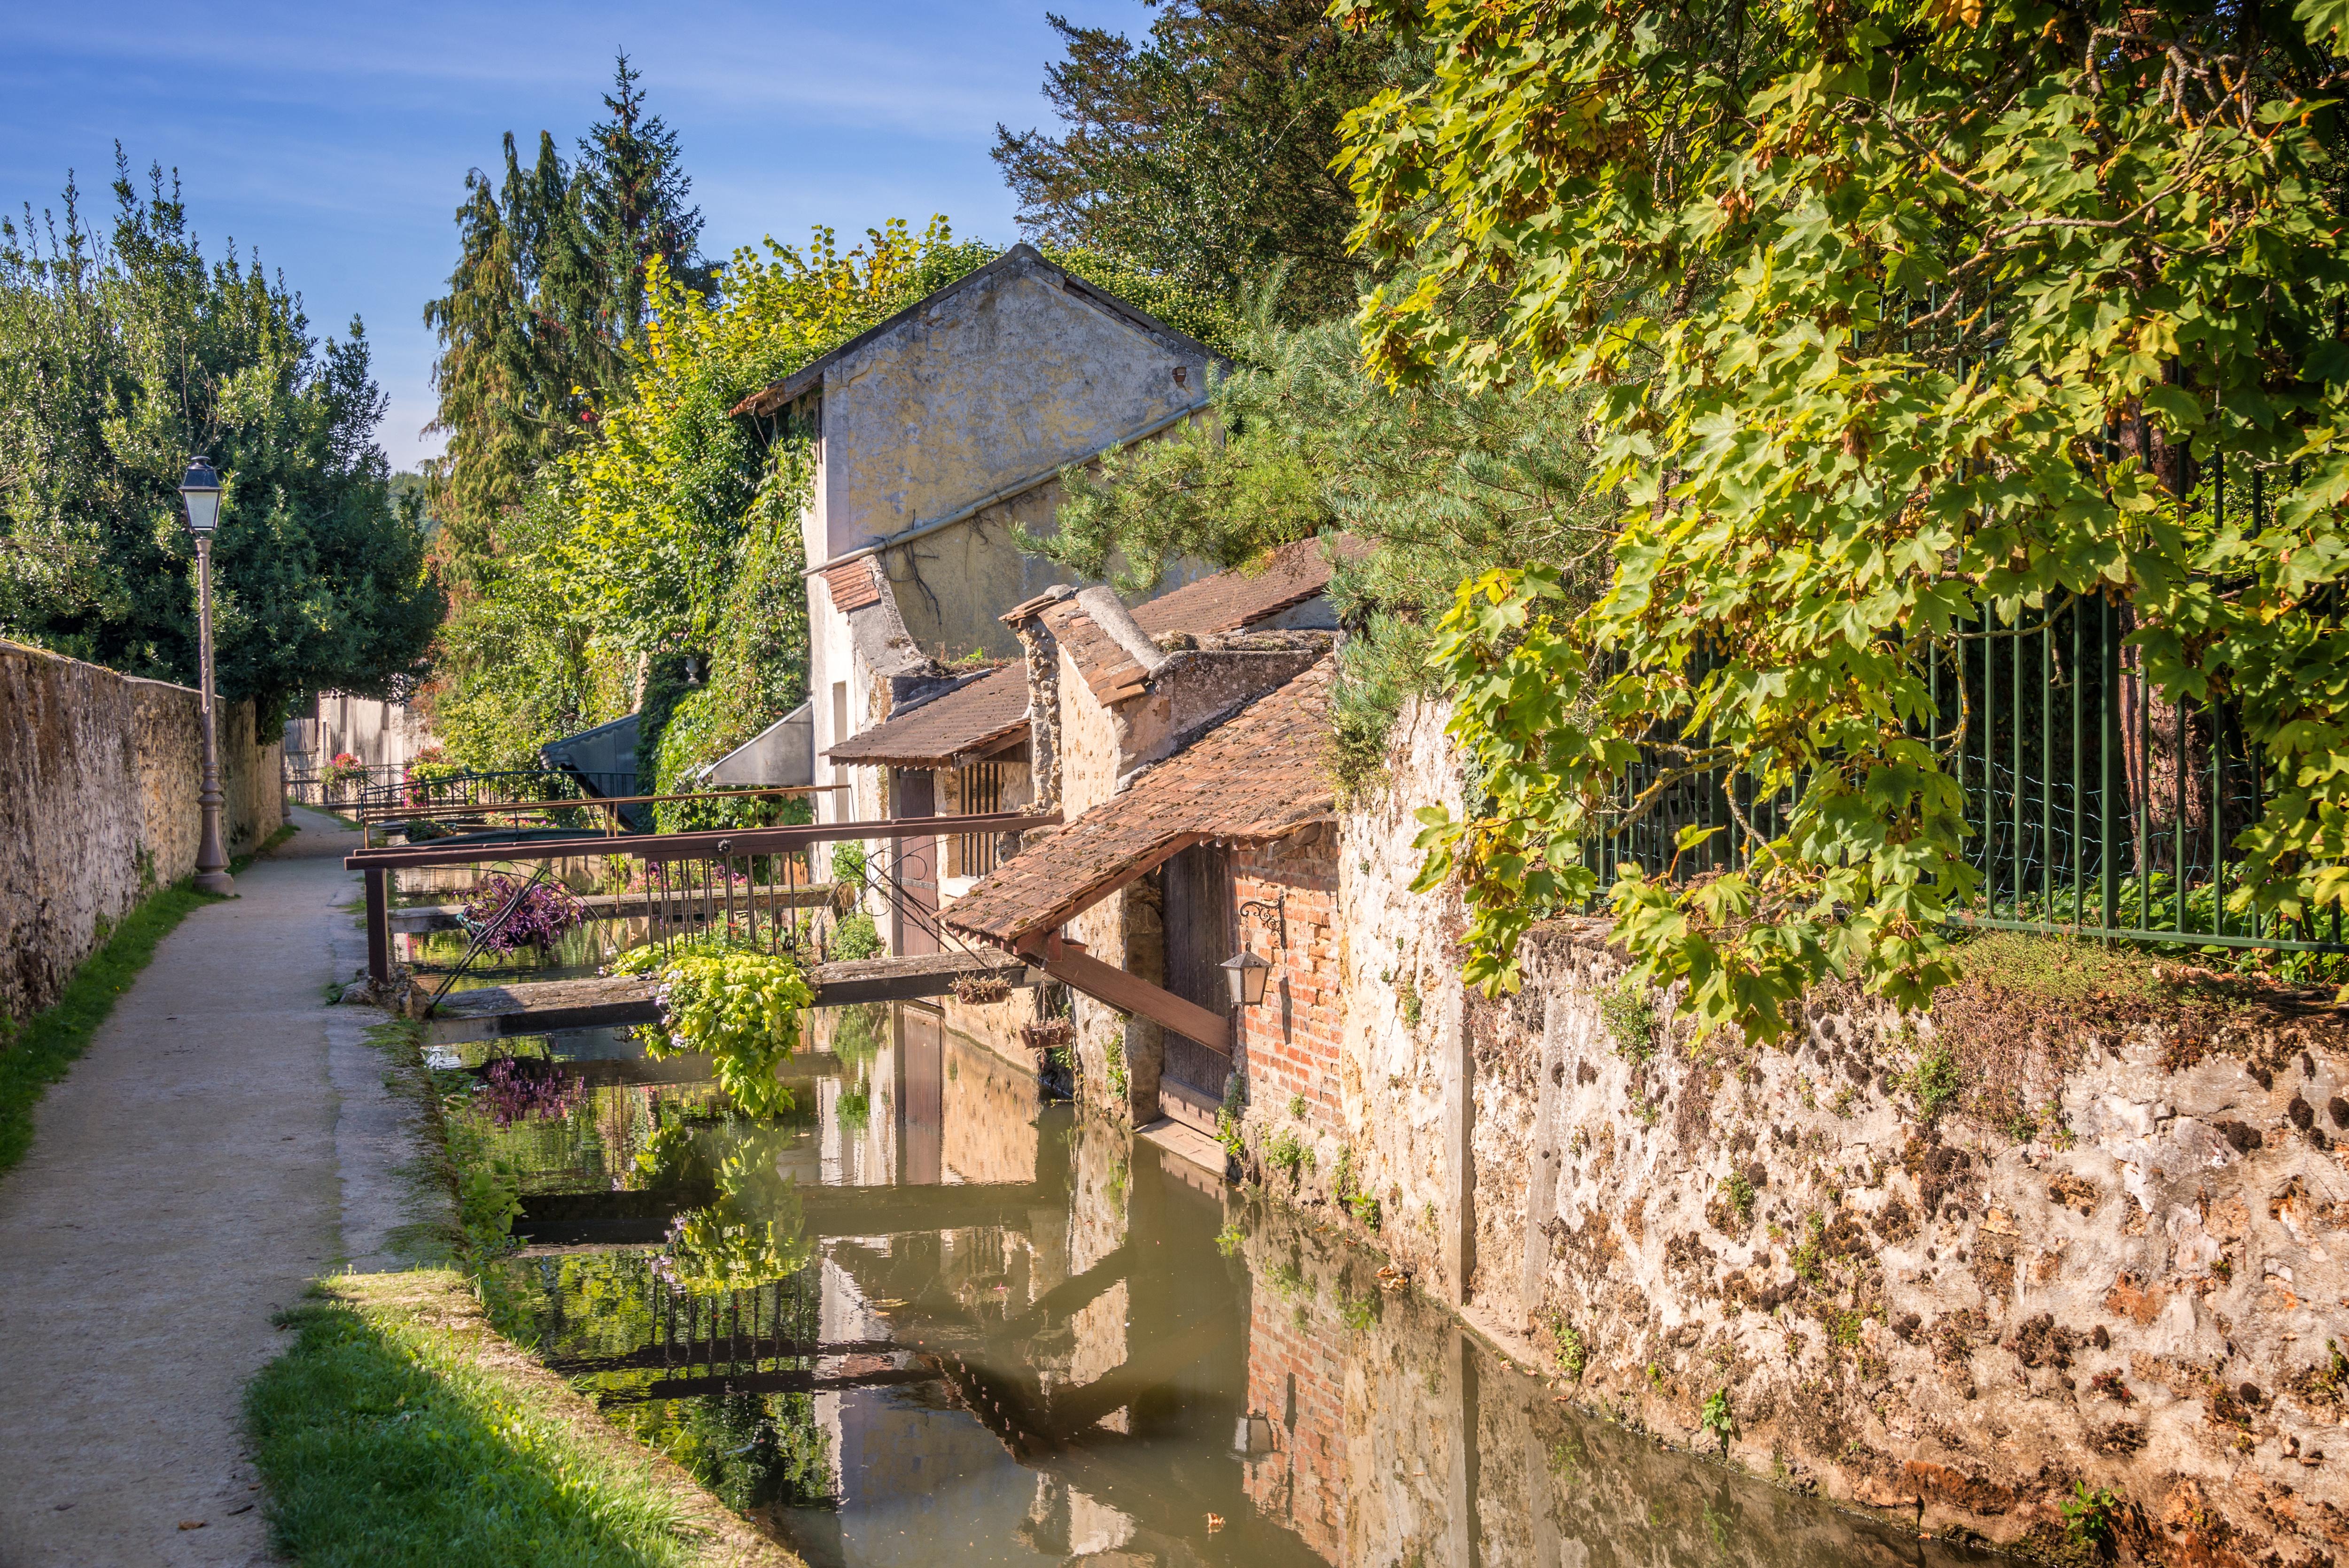 Promenade des Petits Ponts (small  bridges promenade), in Chevreuse, France